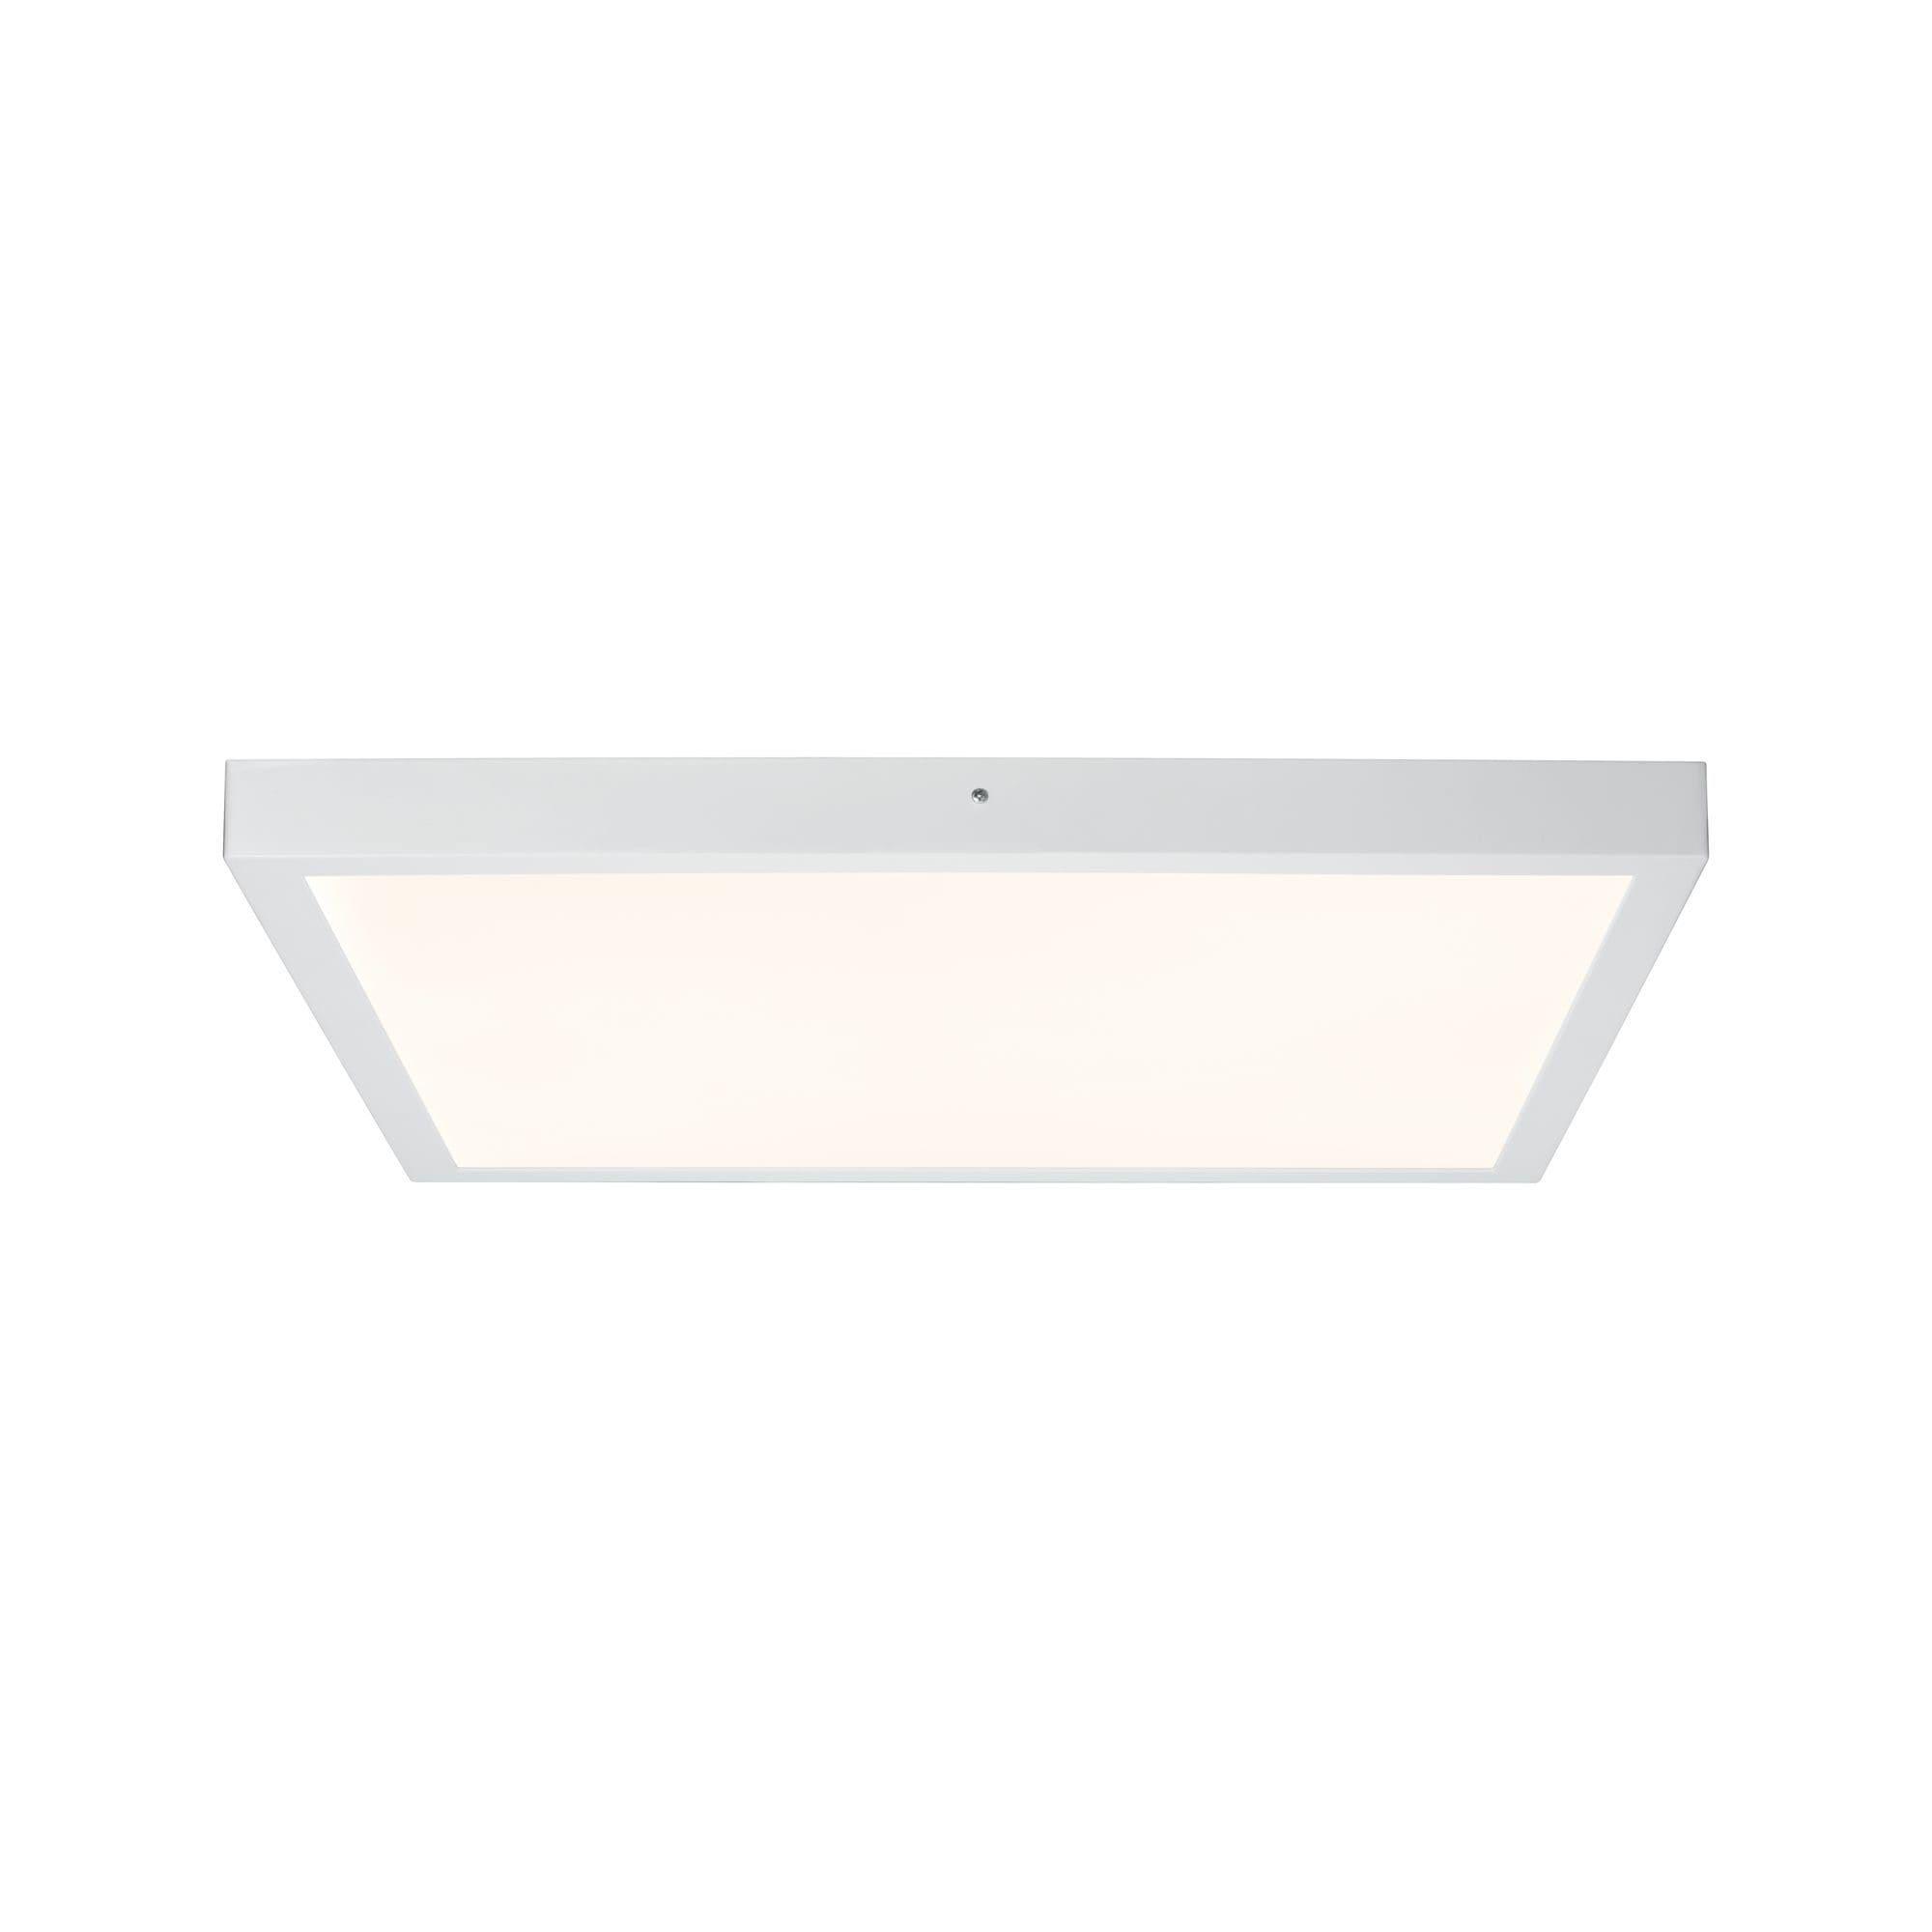 Paulmann,LED Panel Deckenleuchte Lunar 27,4W Weiß matt 600x600 mm